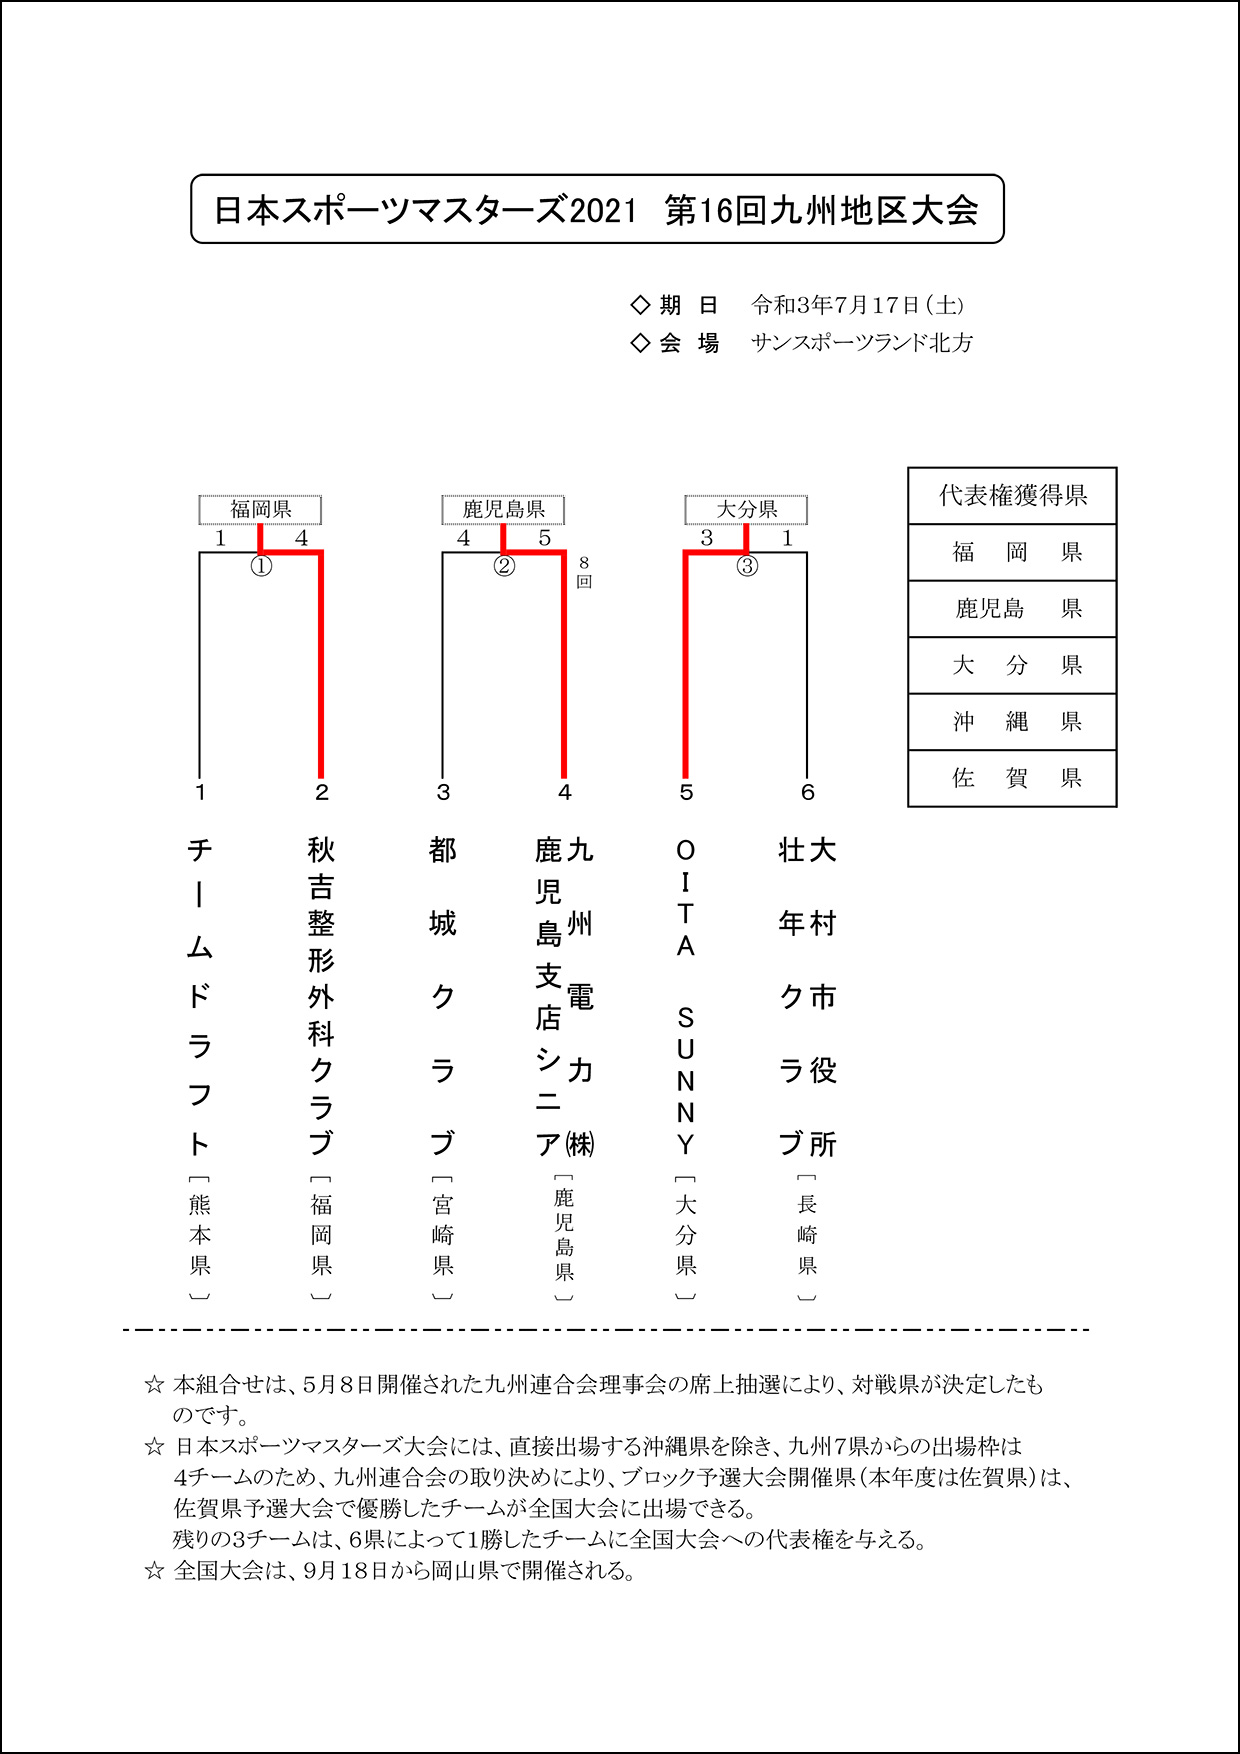 【結果】日本スポーツマスターズ2021第16回九州地区大会